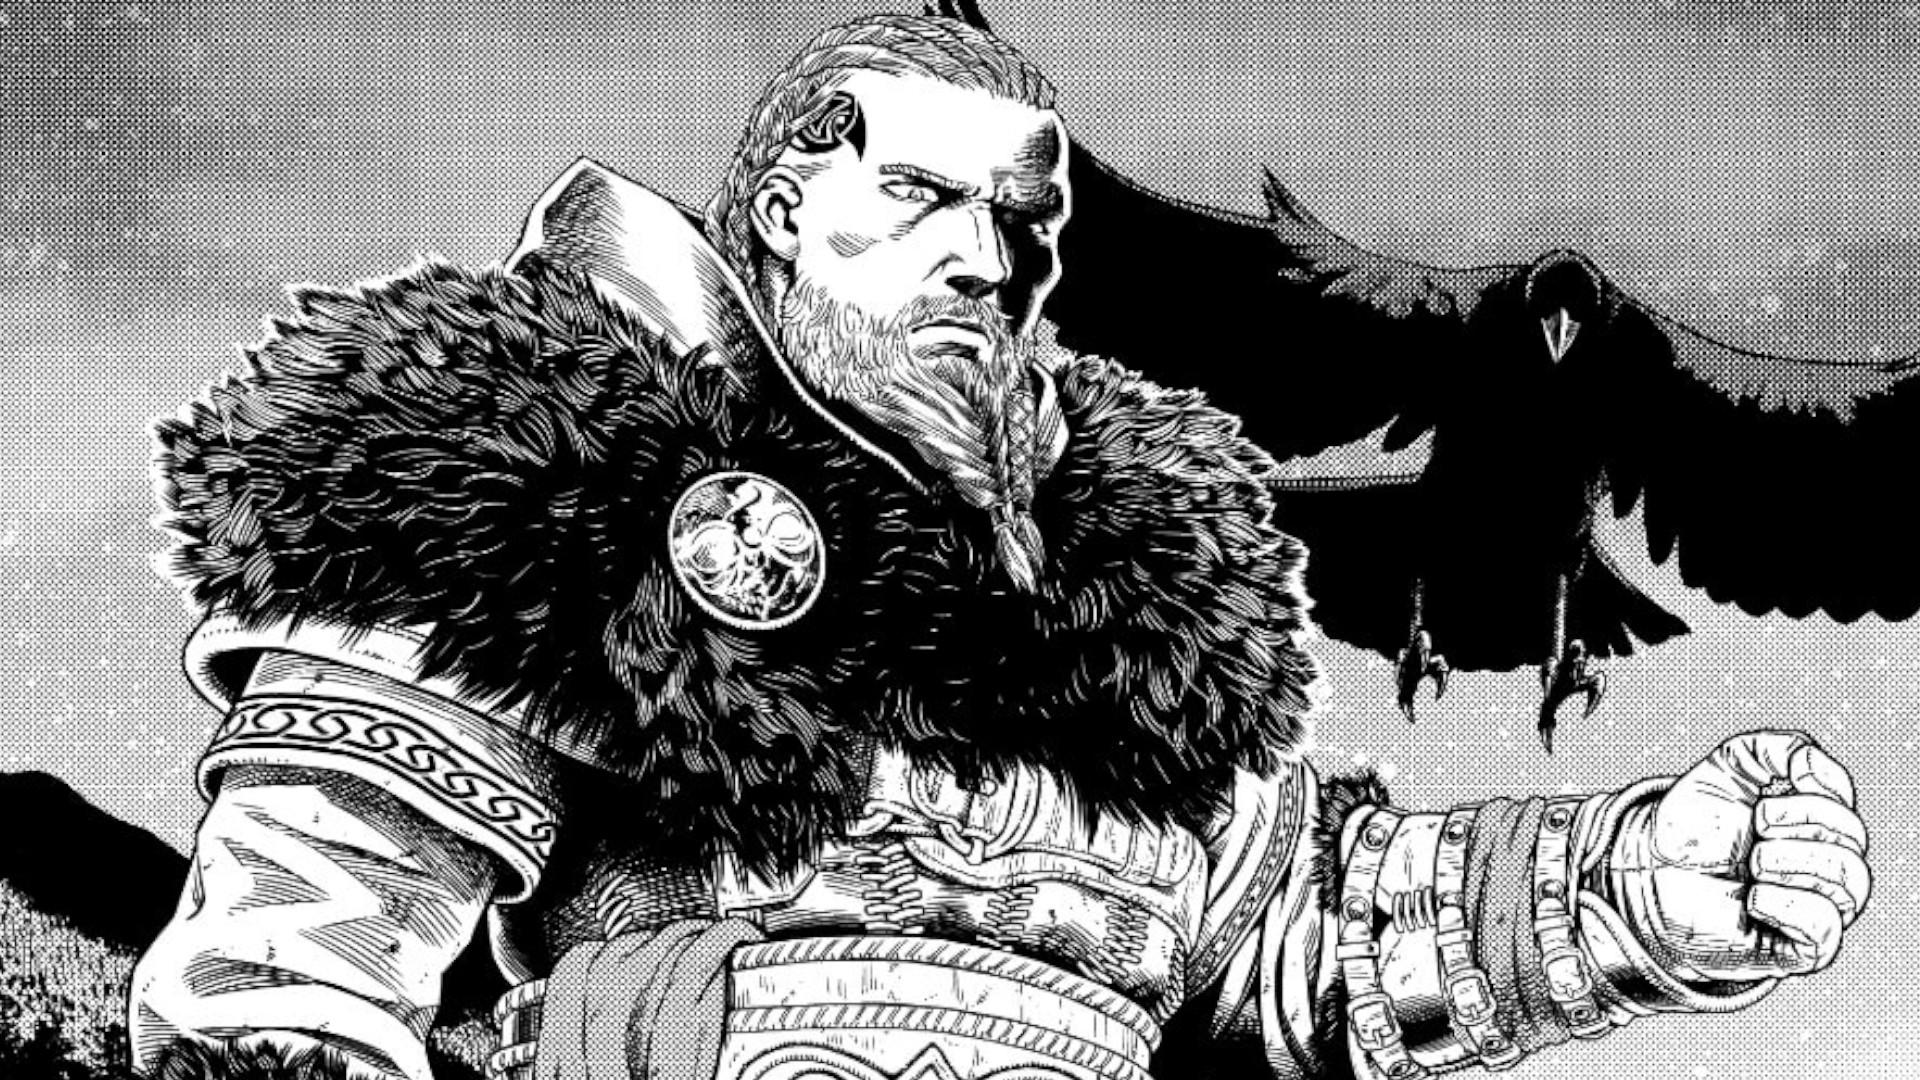 Assassin's Creed Valhalla fará crossover com mangá de Vinland Saga